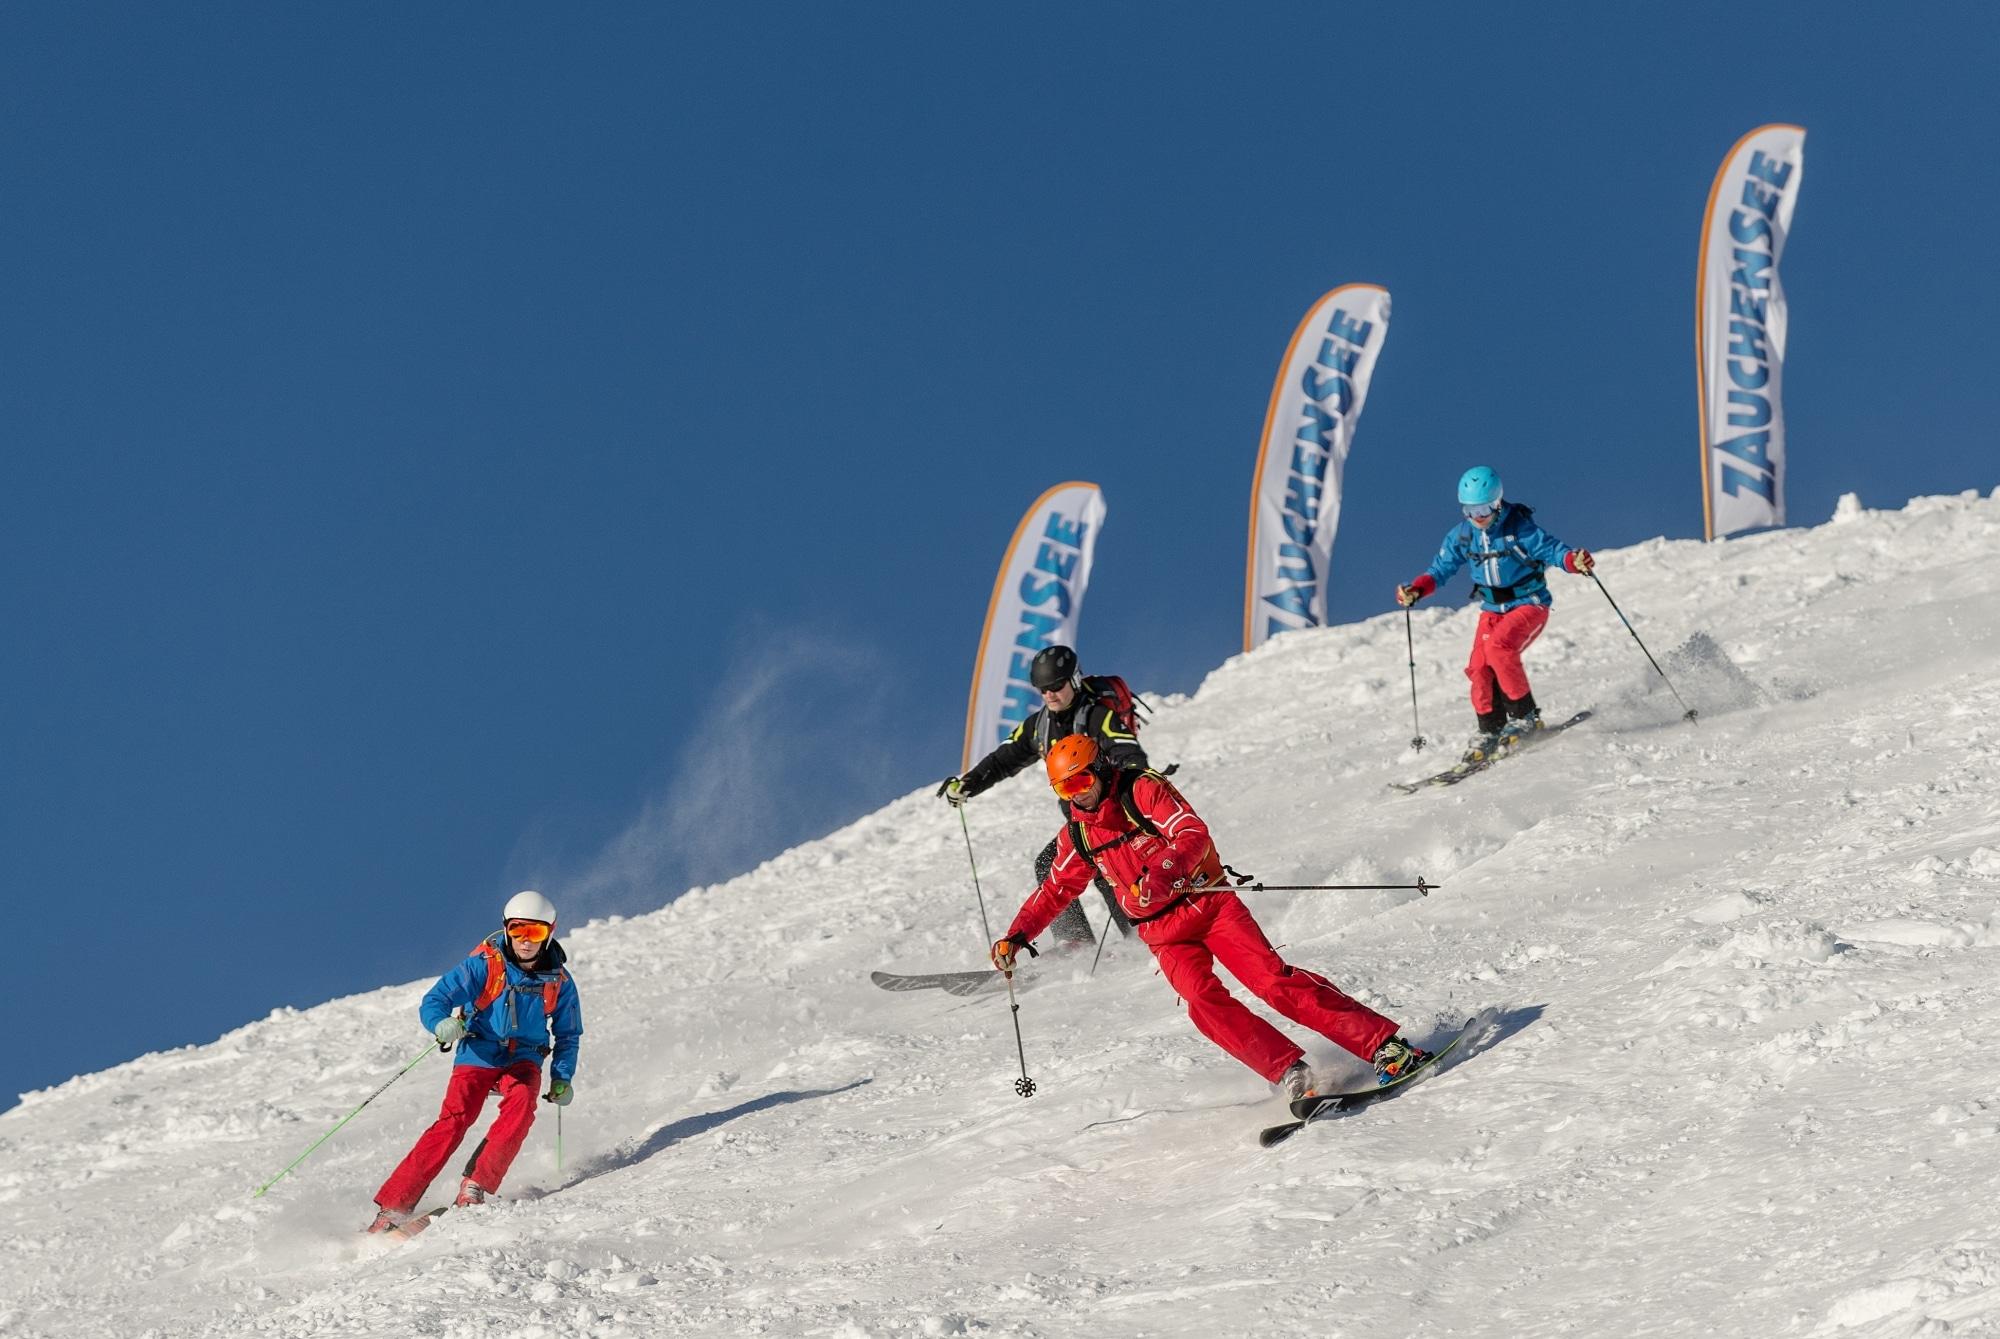 Skifahrer bei der Abfahrt in Zauchensee